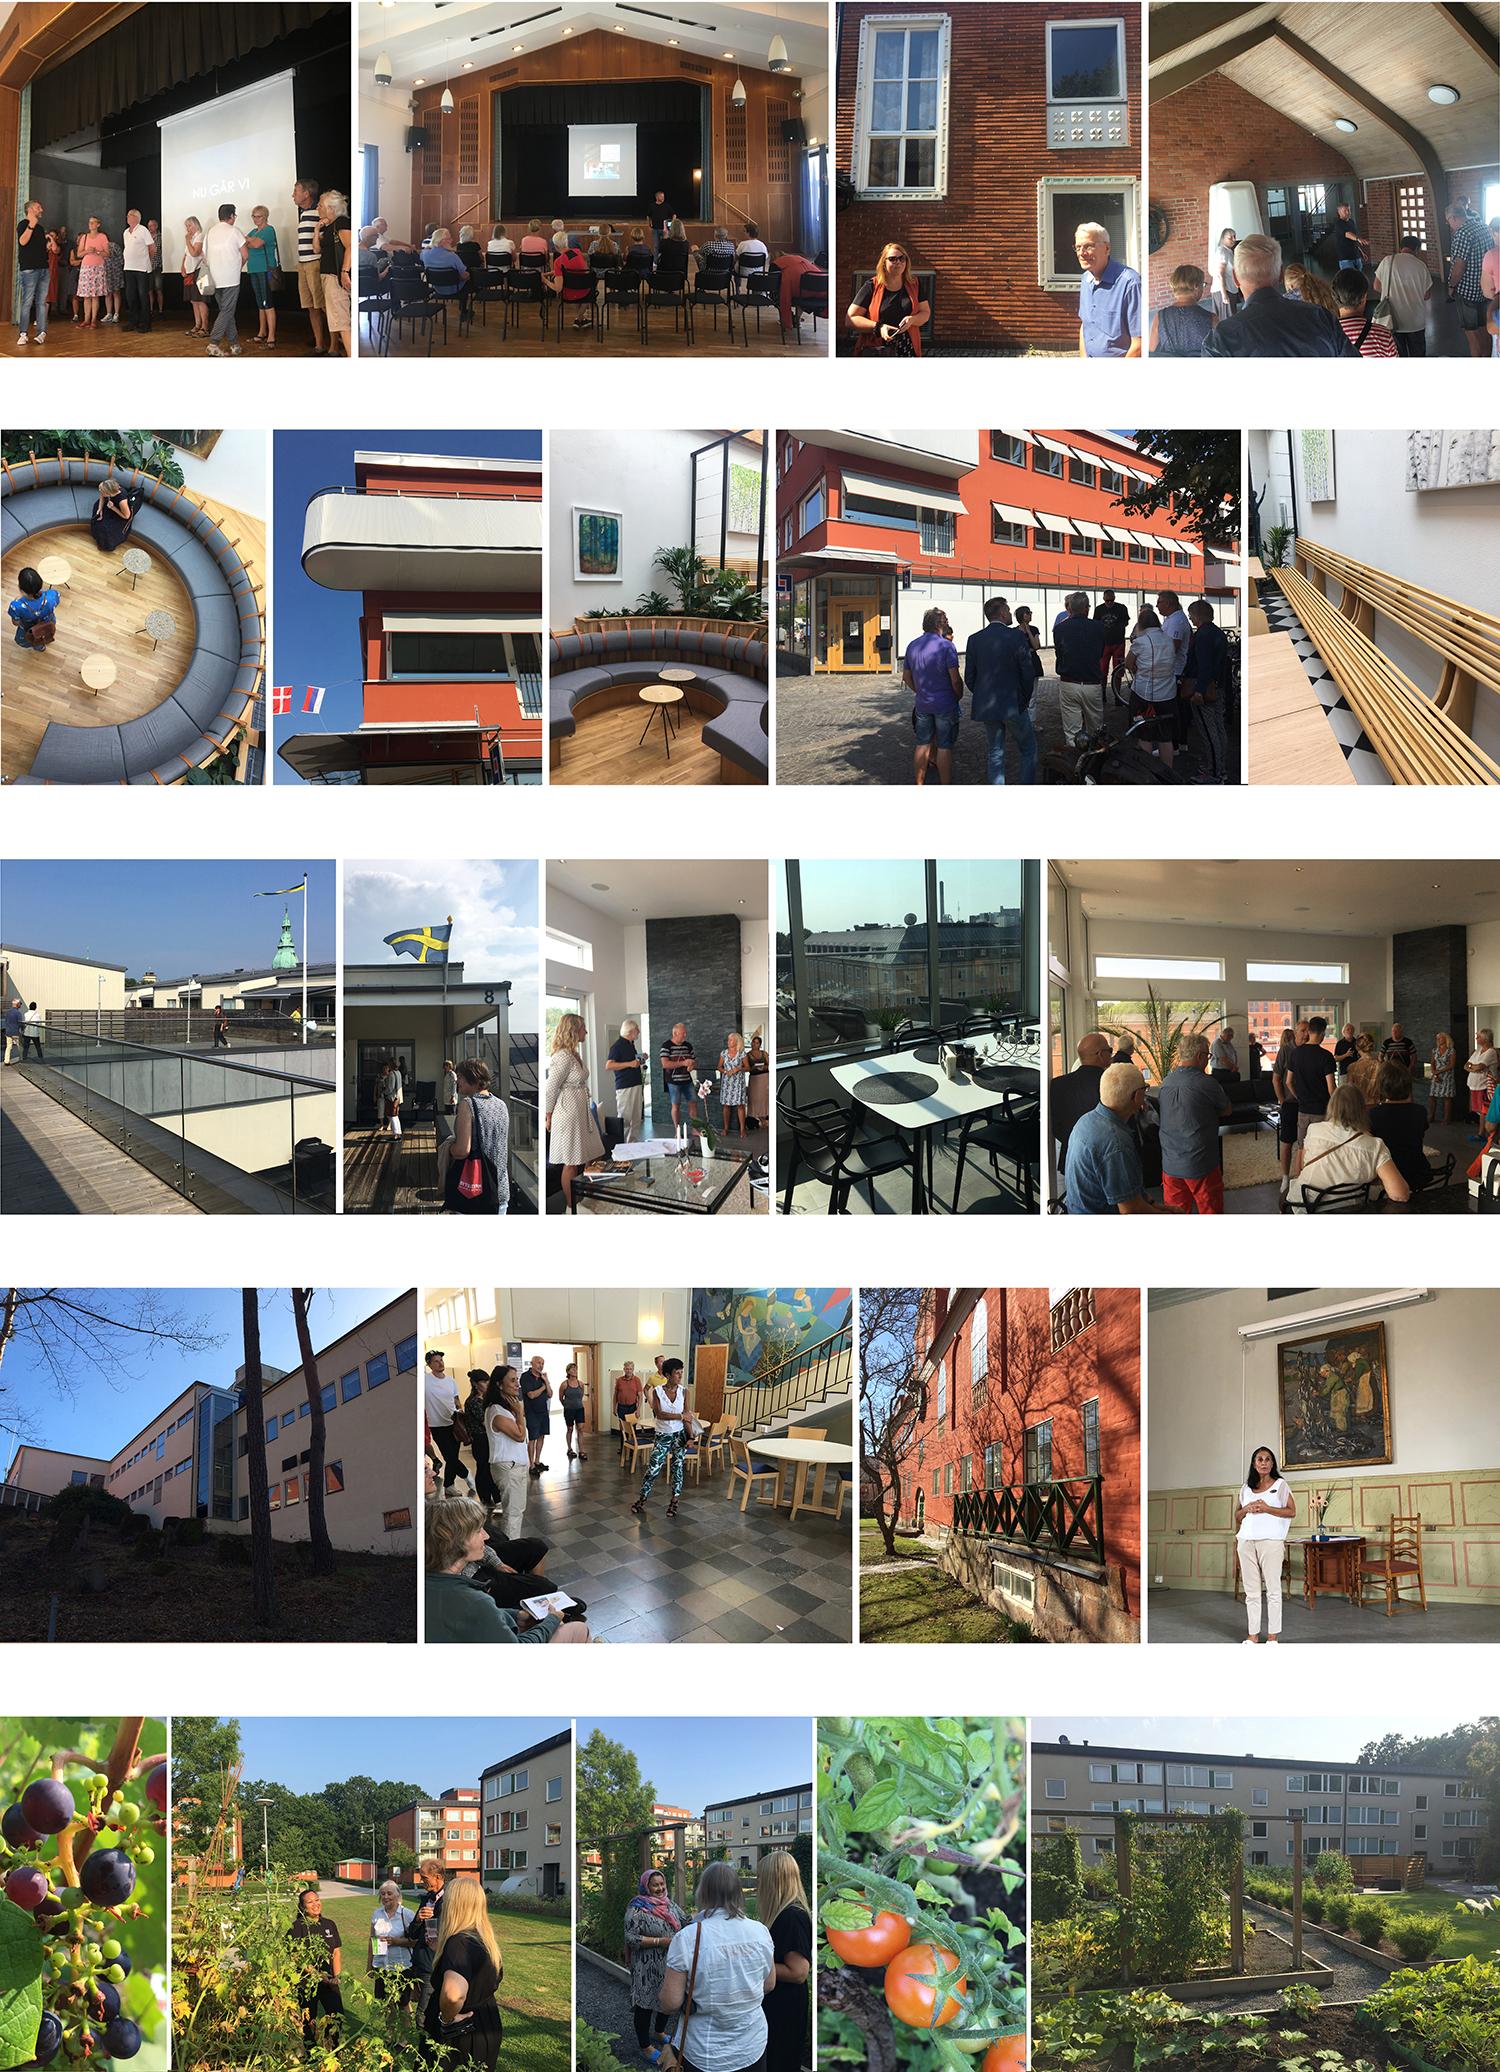 Några glimtar från de olika programpunkterna.Foton: Emina Kovacic och Rolf Hammar